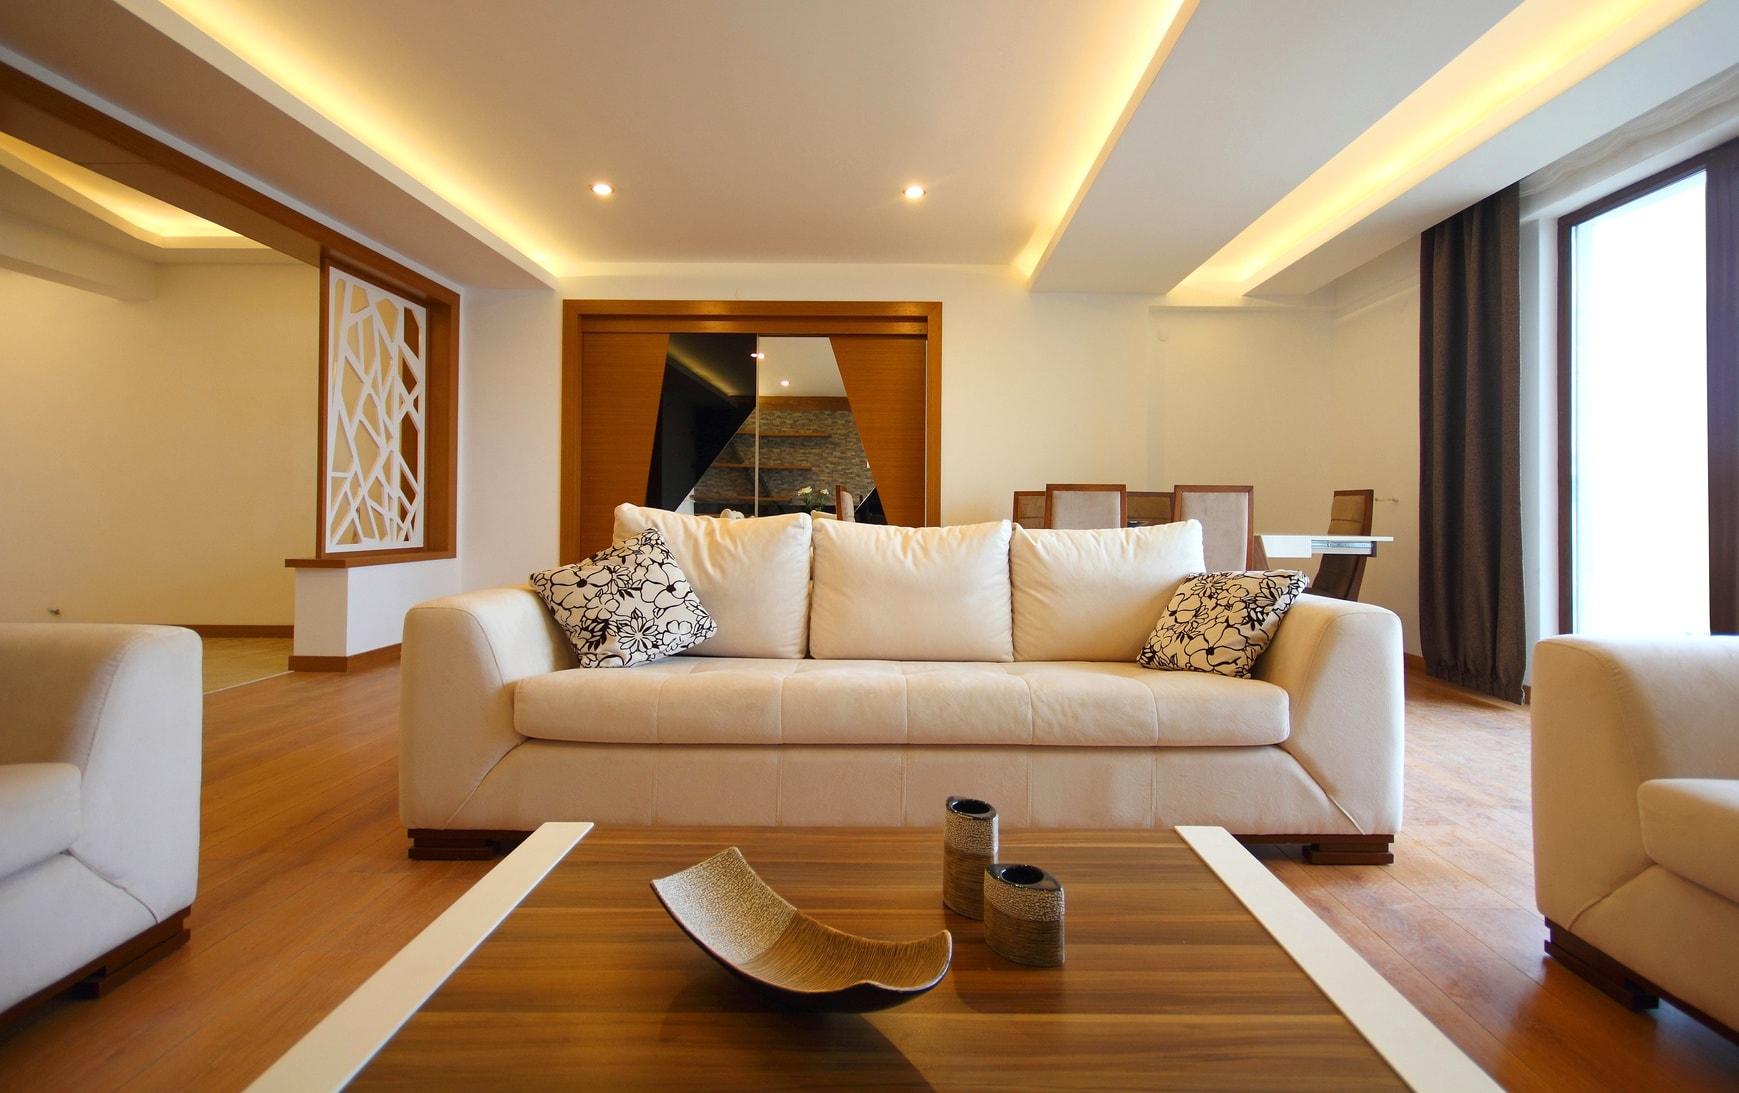 Beleuchtung Wohnzimmer © Arsel / Fotolia